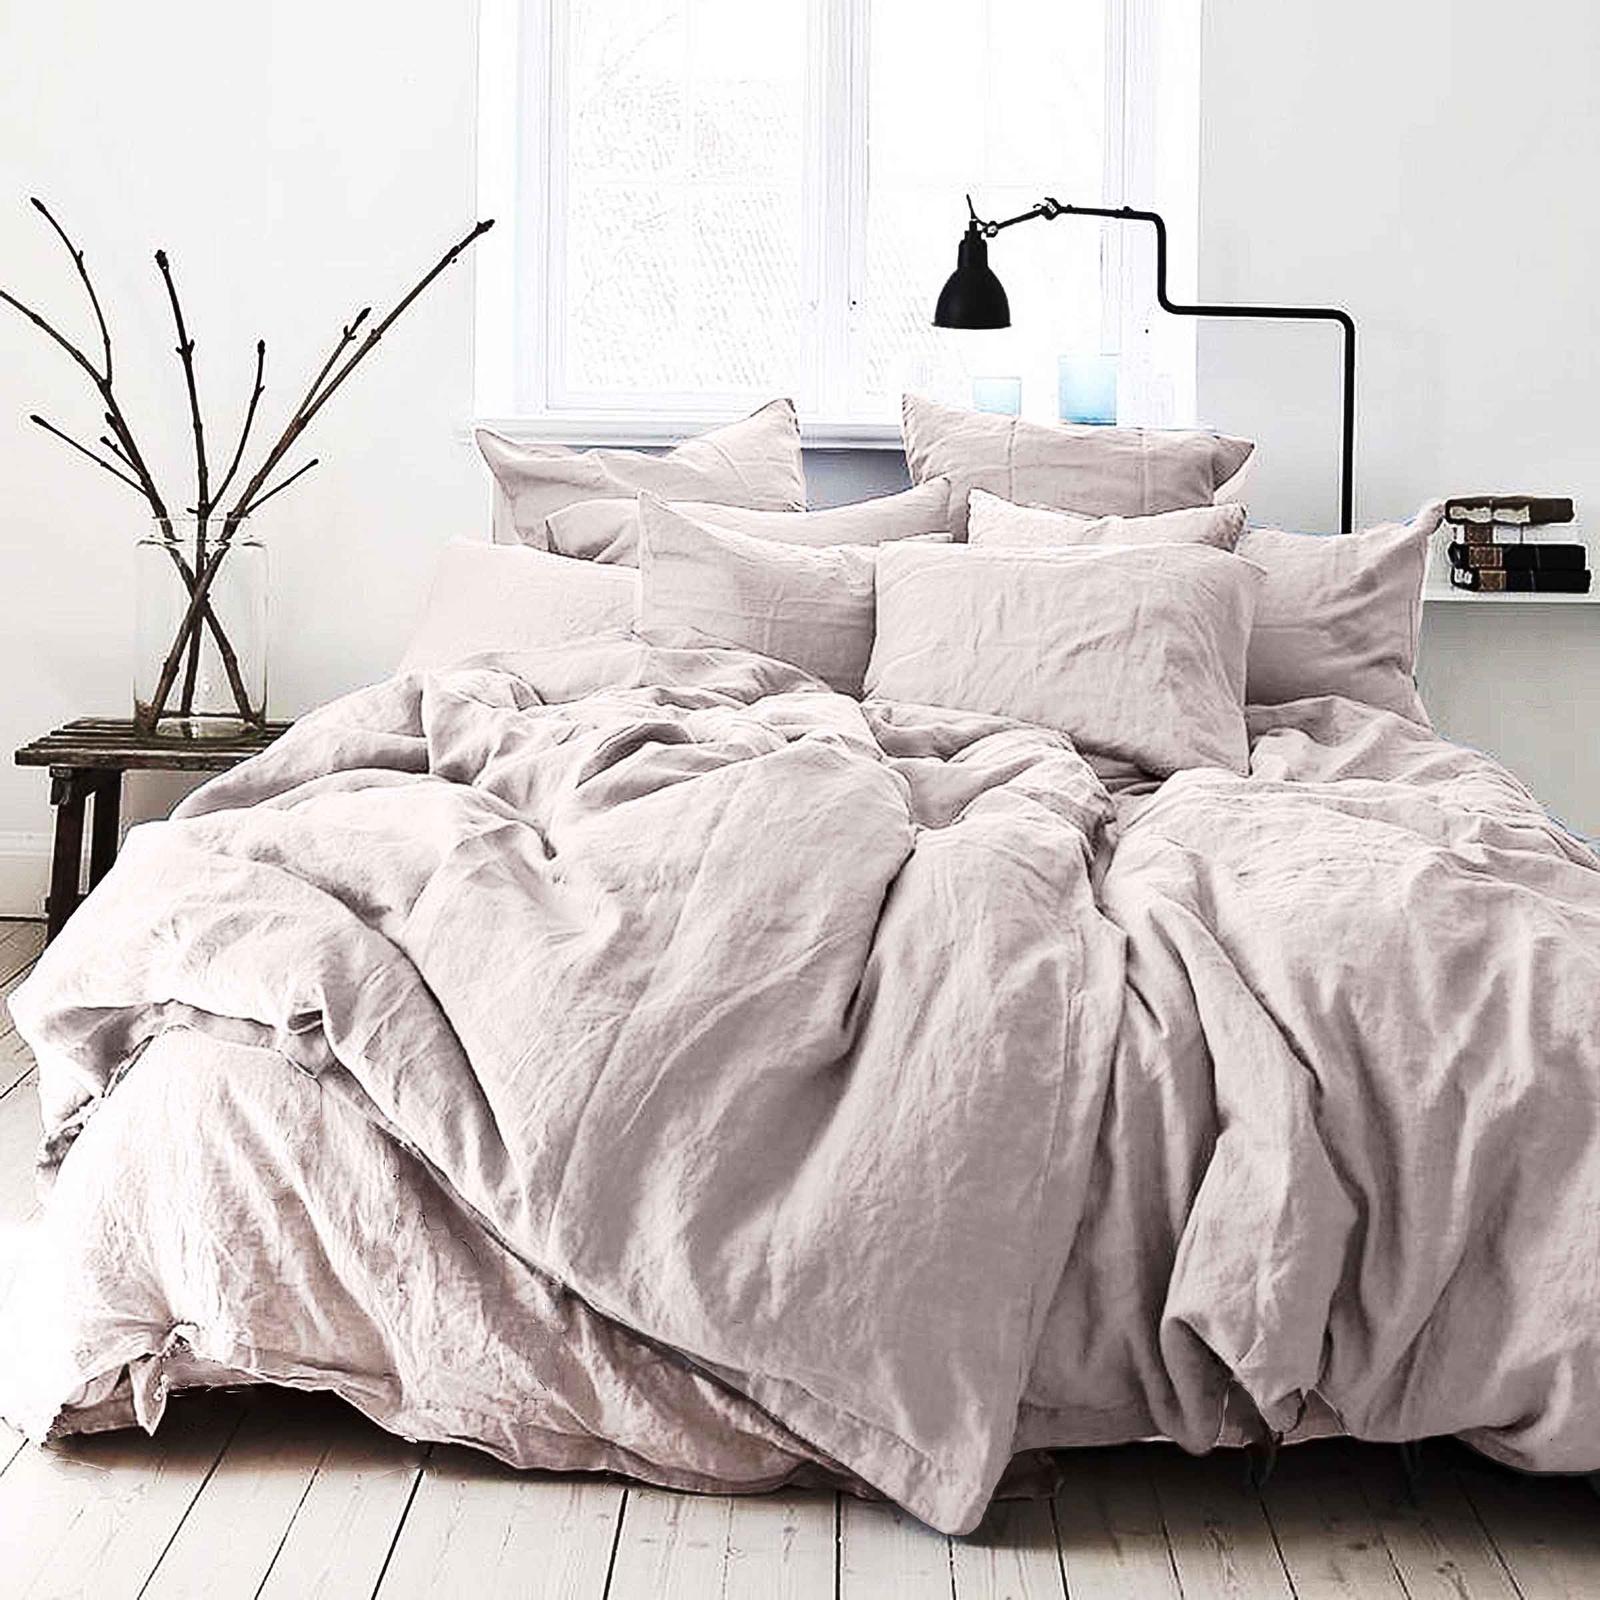 цена Комплект постельного белья Seta Лён De Lux Light Pink 01783204, евро, наволочки 70x70 см онлайн в 2017 году